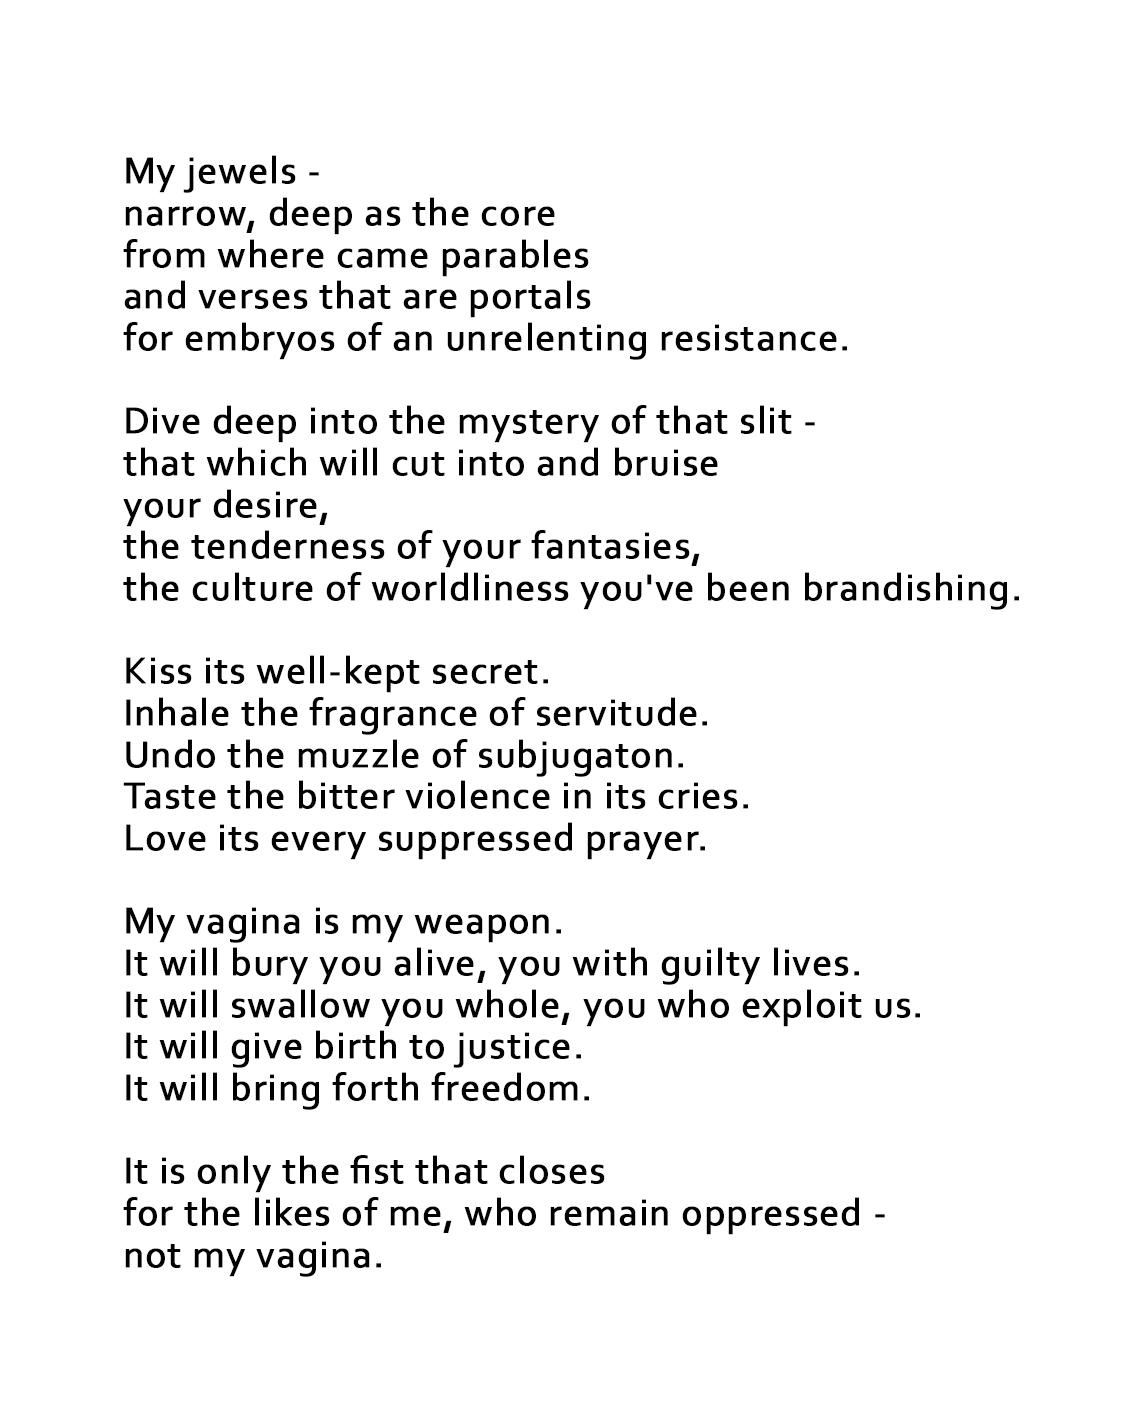 kate-poem-02